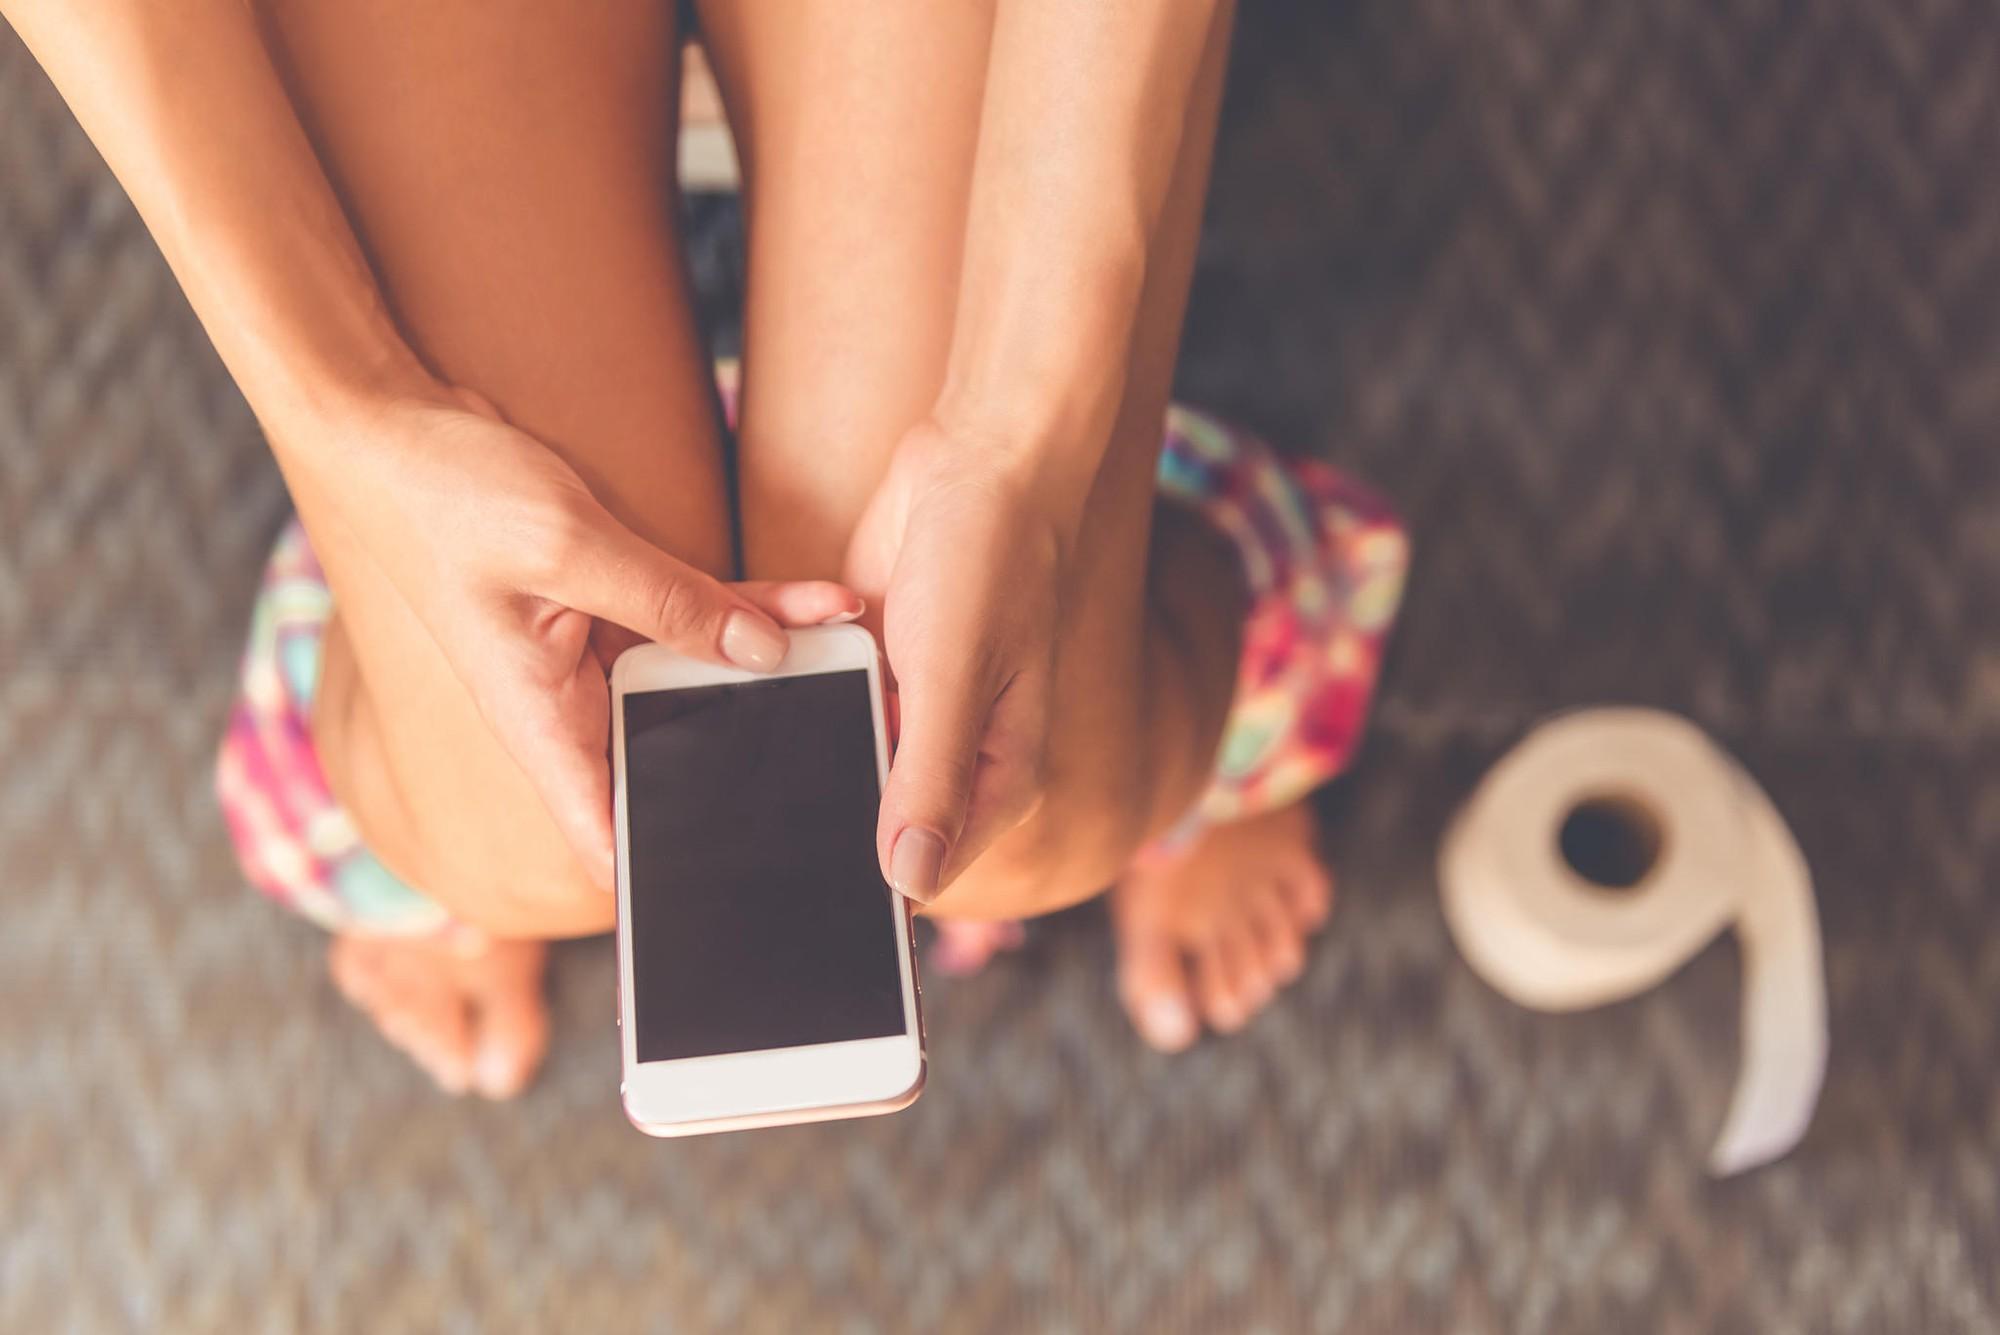 Dùng điện thoại khi đi vệ sinh, người đàn ông ở Trung Quốc bị lòi cả trực tràng ra ngoài 4